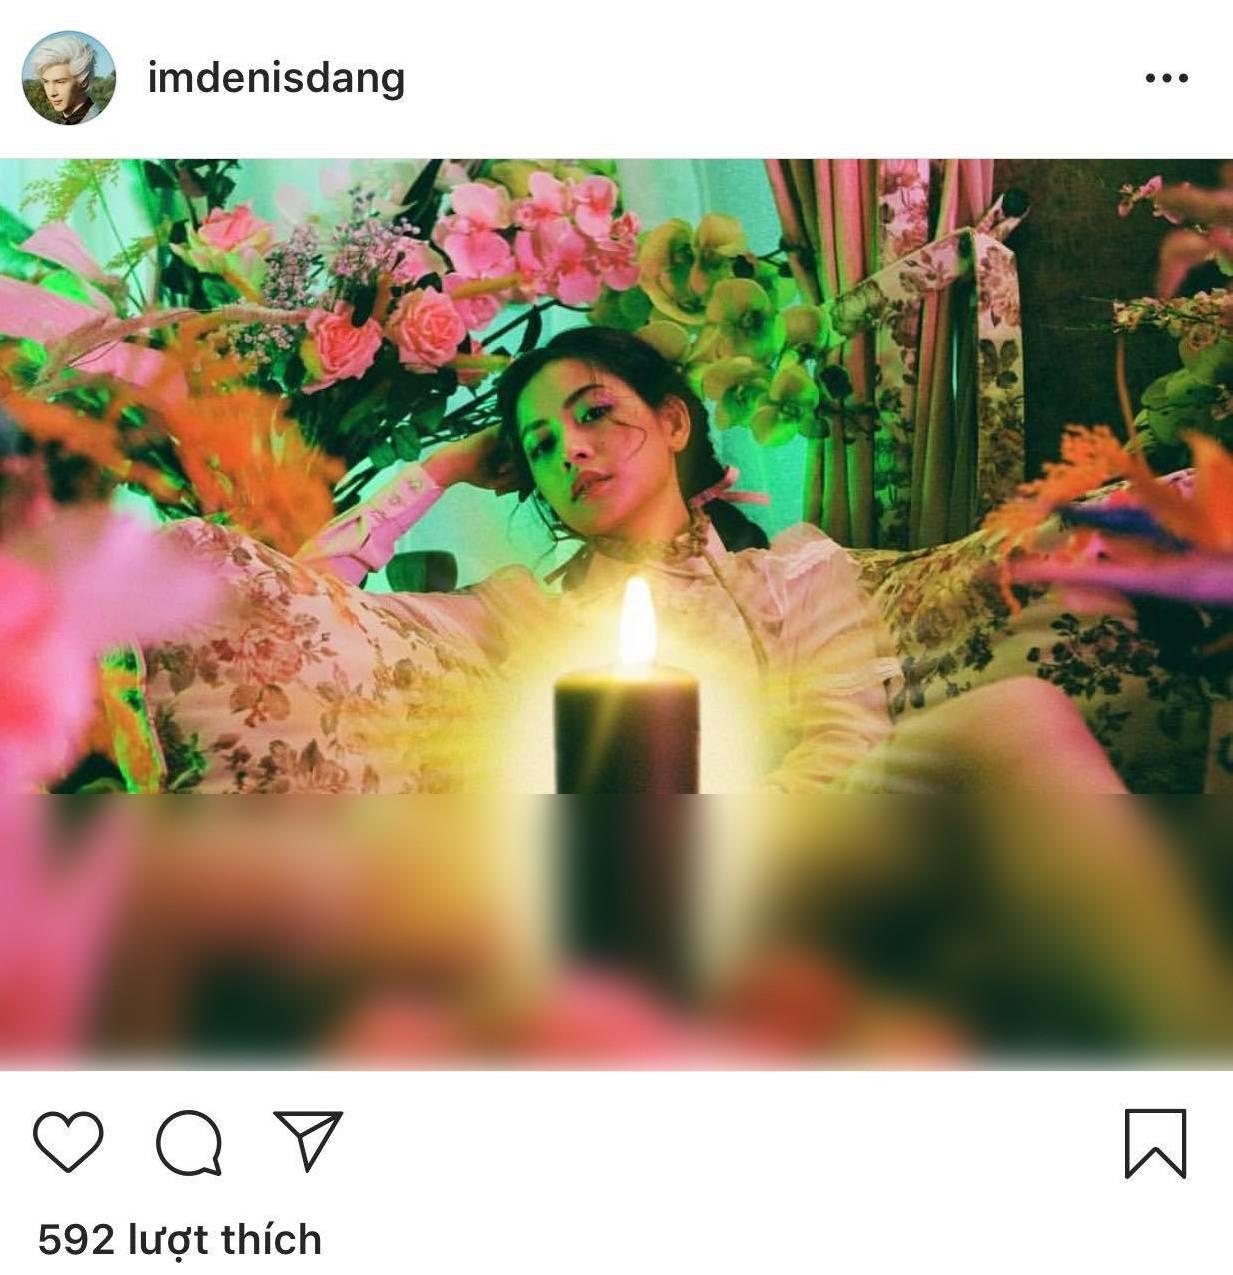 Denis Đặng gây tranh cãi khi đăng ảnh nhạy cảm của Chi Pu trong MV 16+ - Ảnh 1.